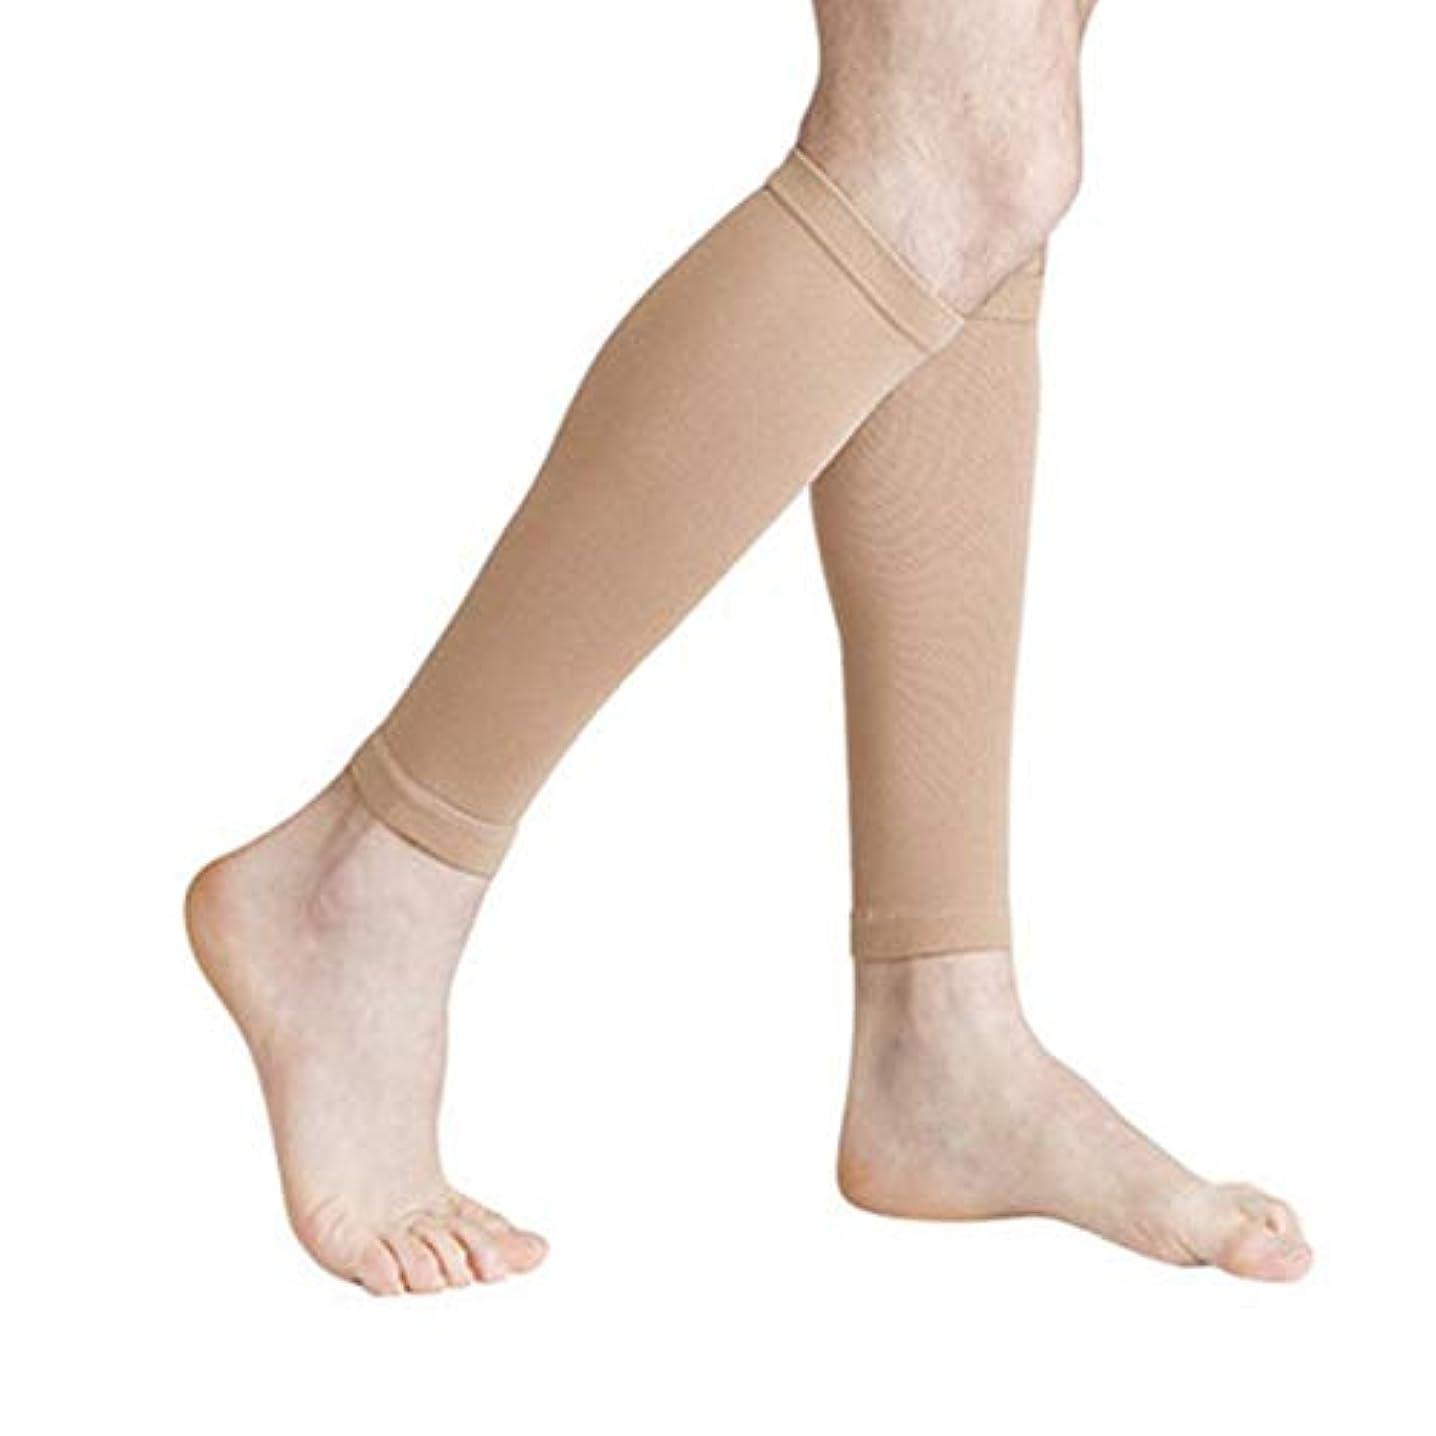 ロケット参加者やりがいのある丈夫な男性女性プロの圧縮靴下通気性のある旅行活動看護師用シントスプリントフライトトラベル - 肌色